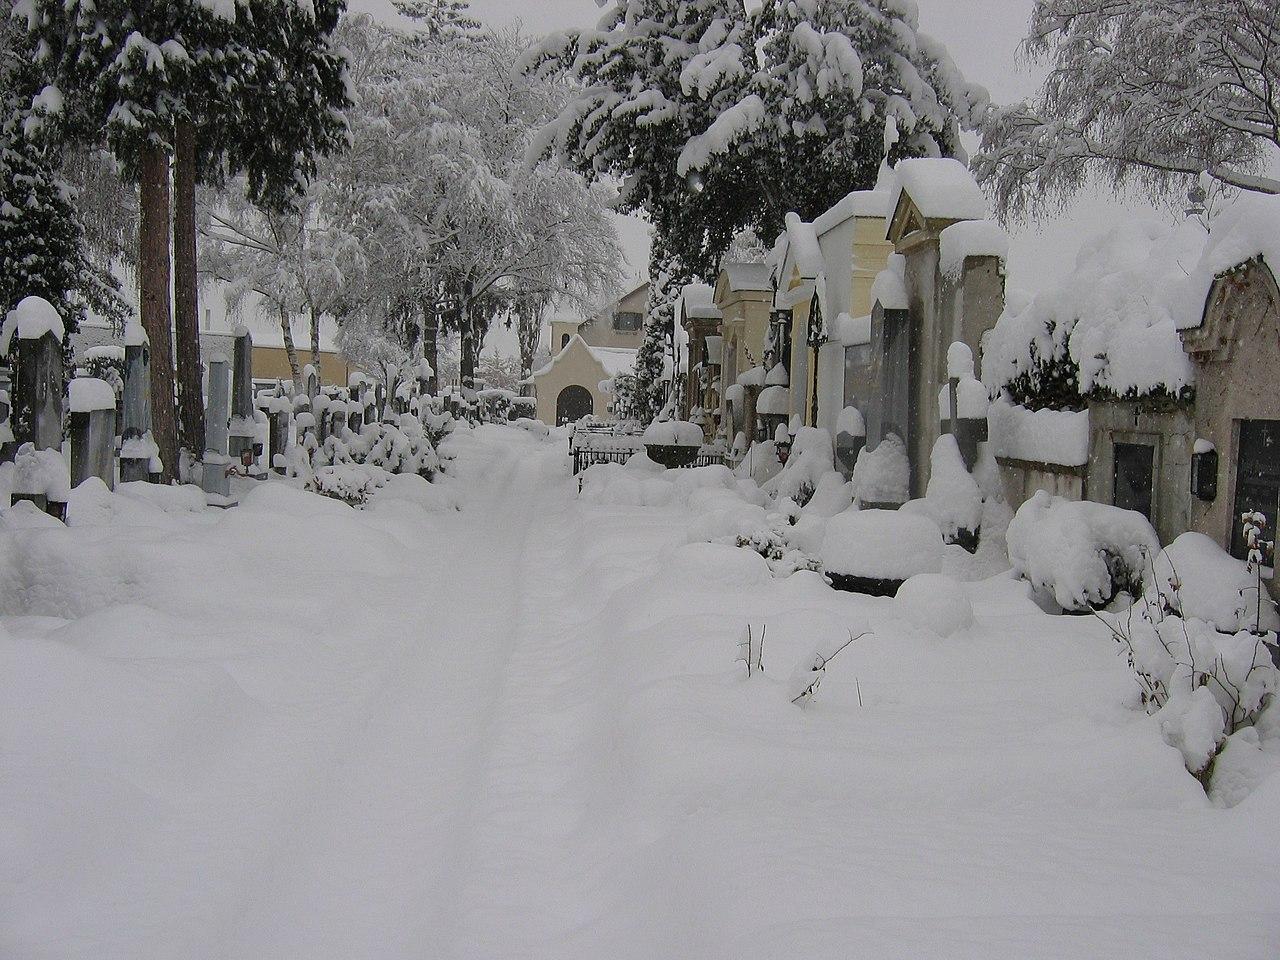 Fotografie eines schneebedeckten Friedhofs im Winter.